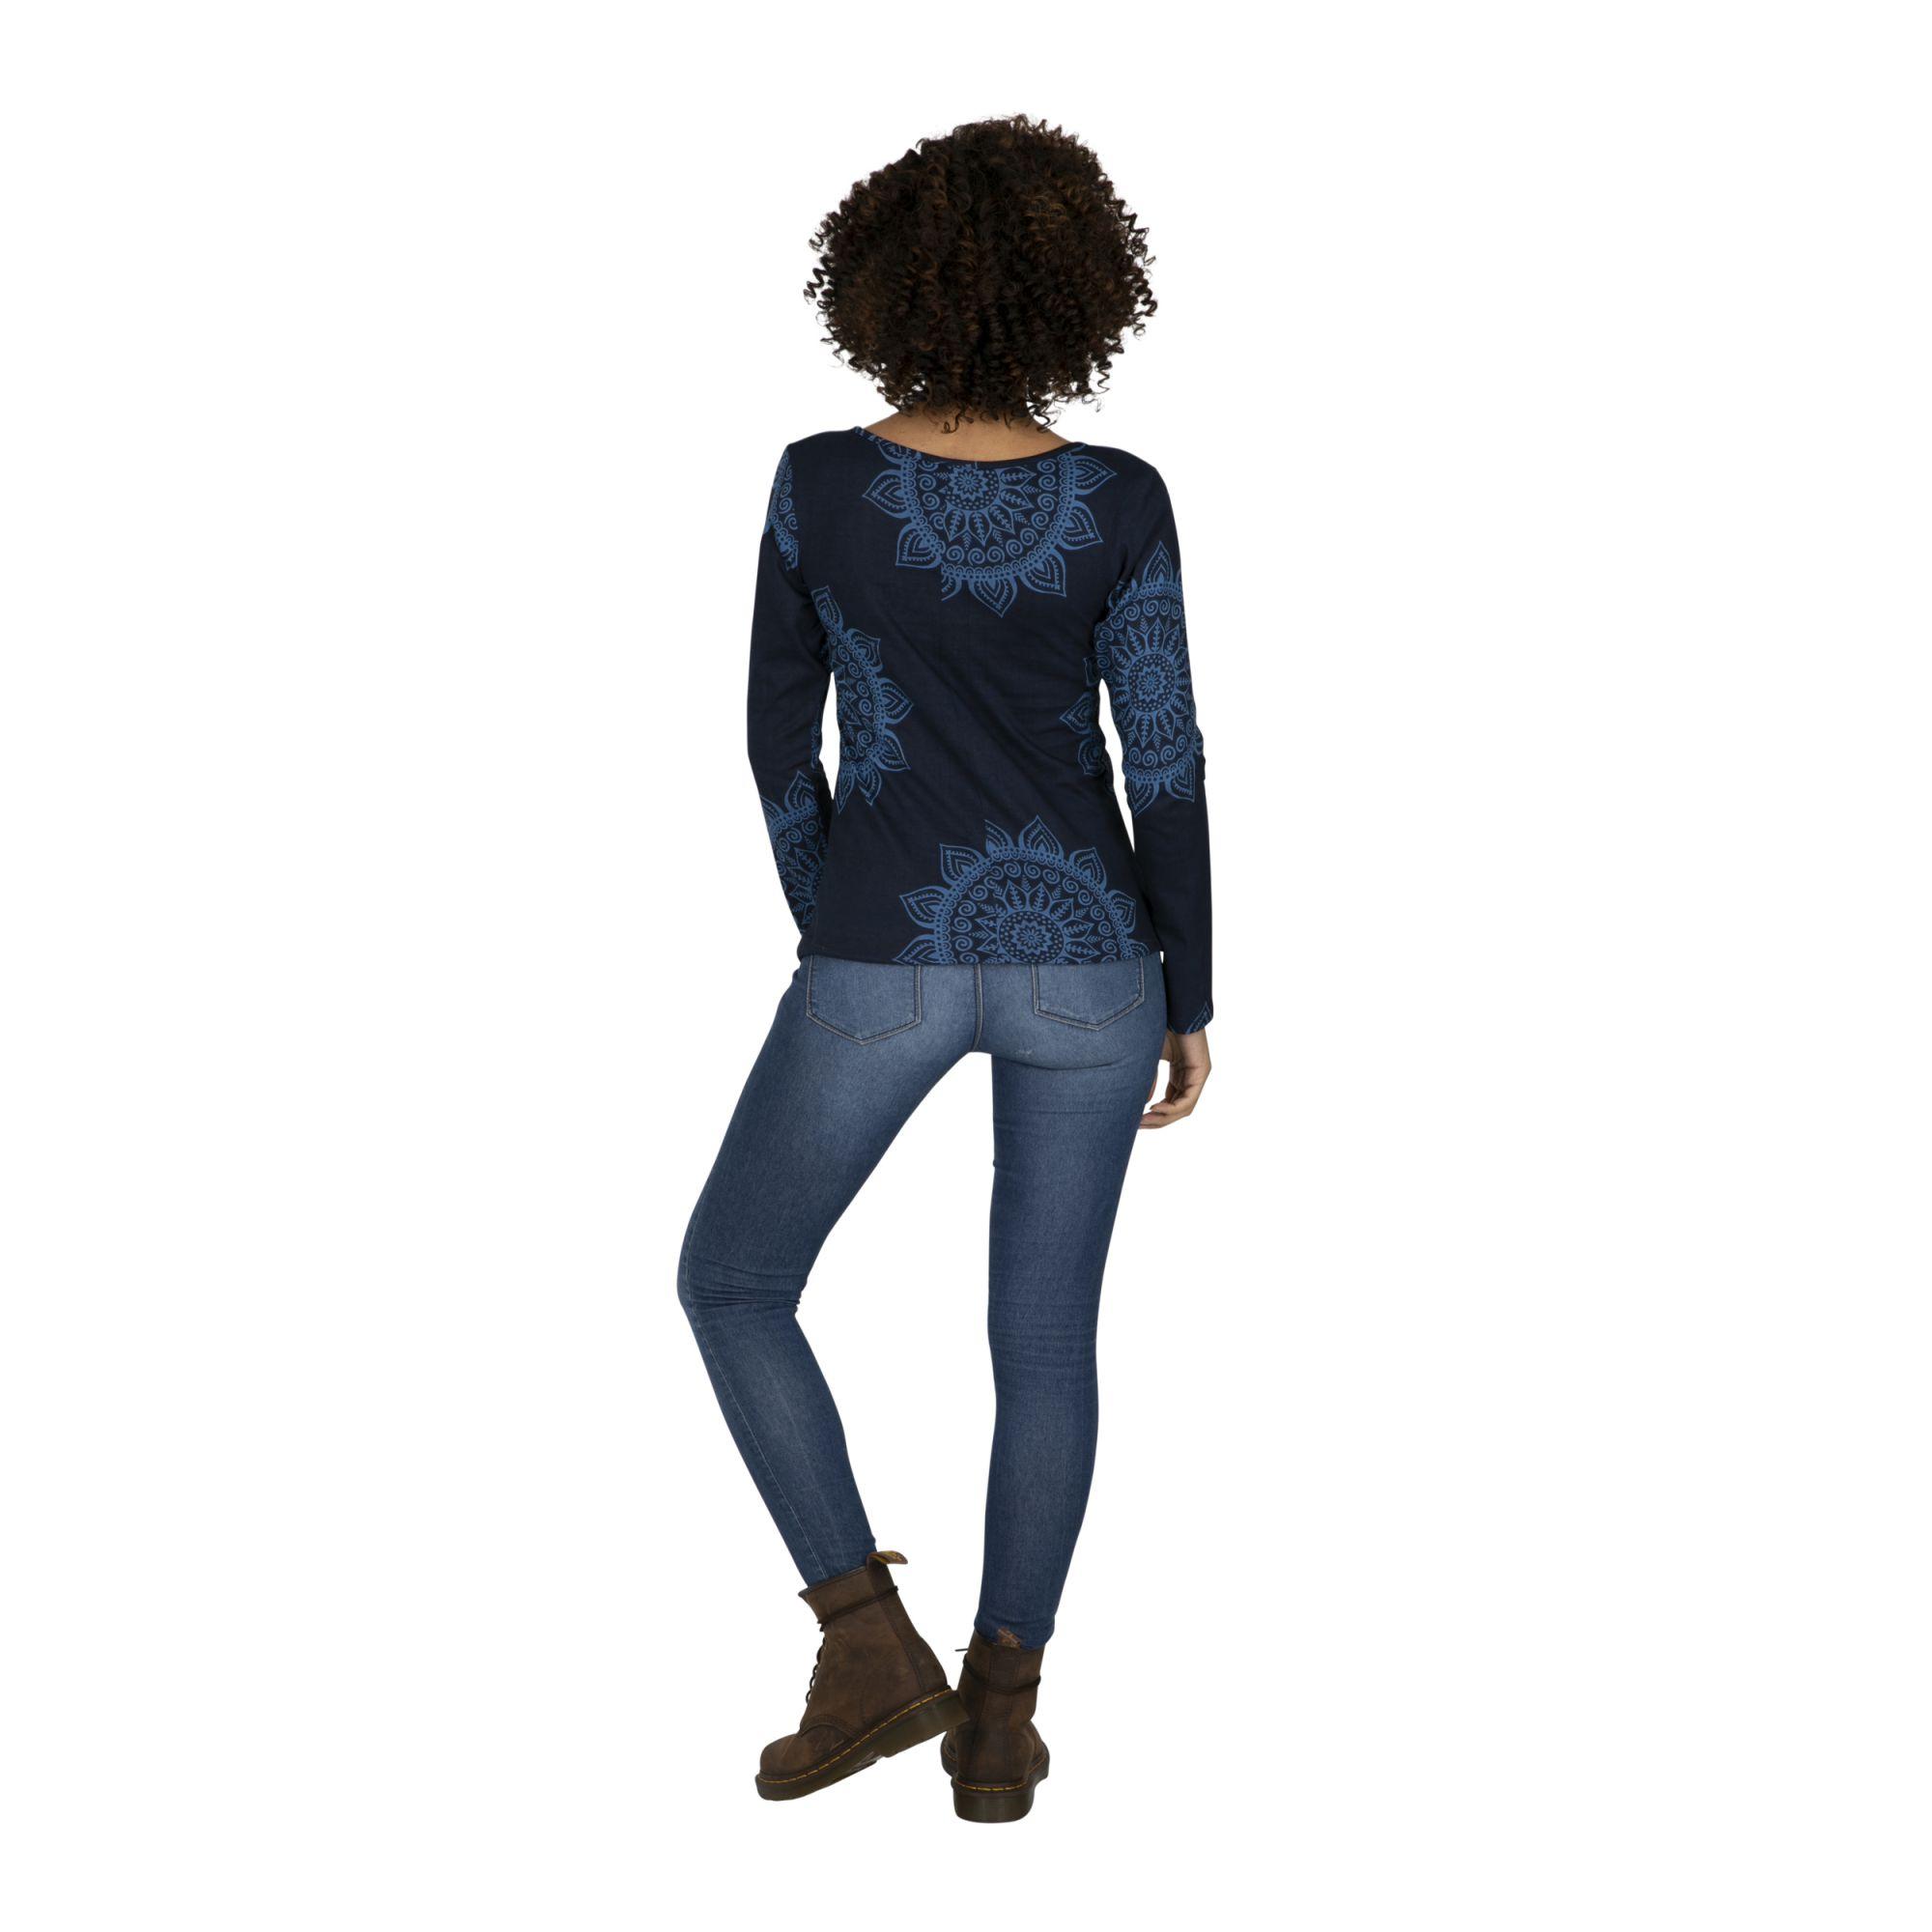 Tee-shirt femme ethnique imprimé mandalas bleu Dosso